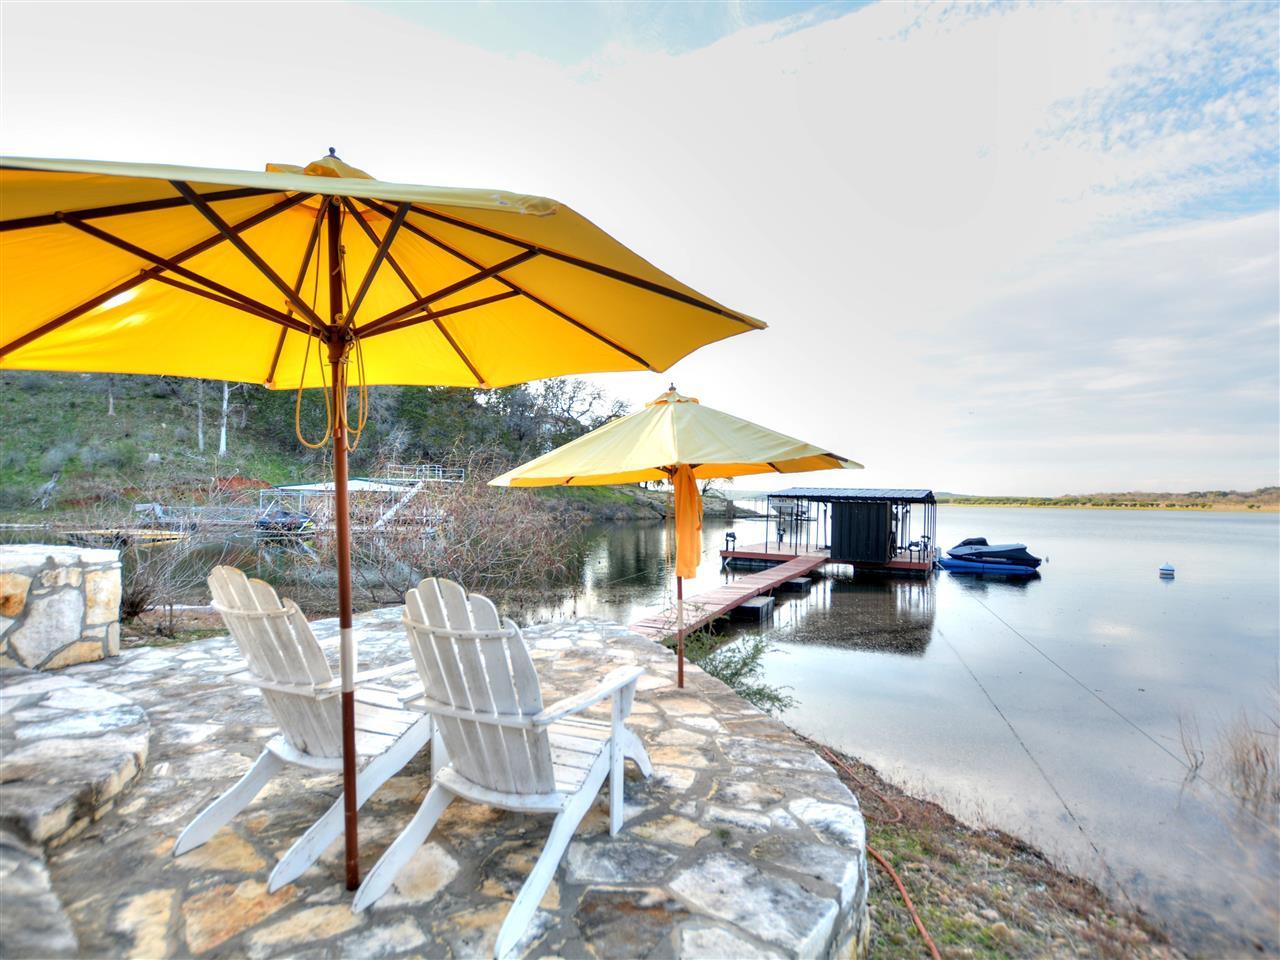 Lake Travis, Lakeway/Austin, TX